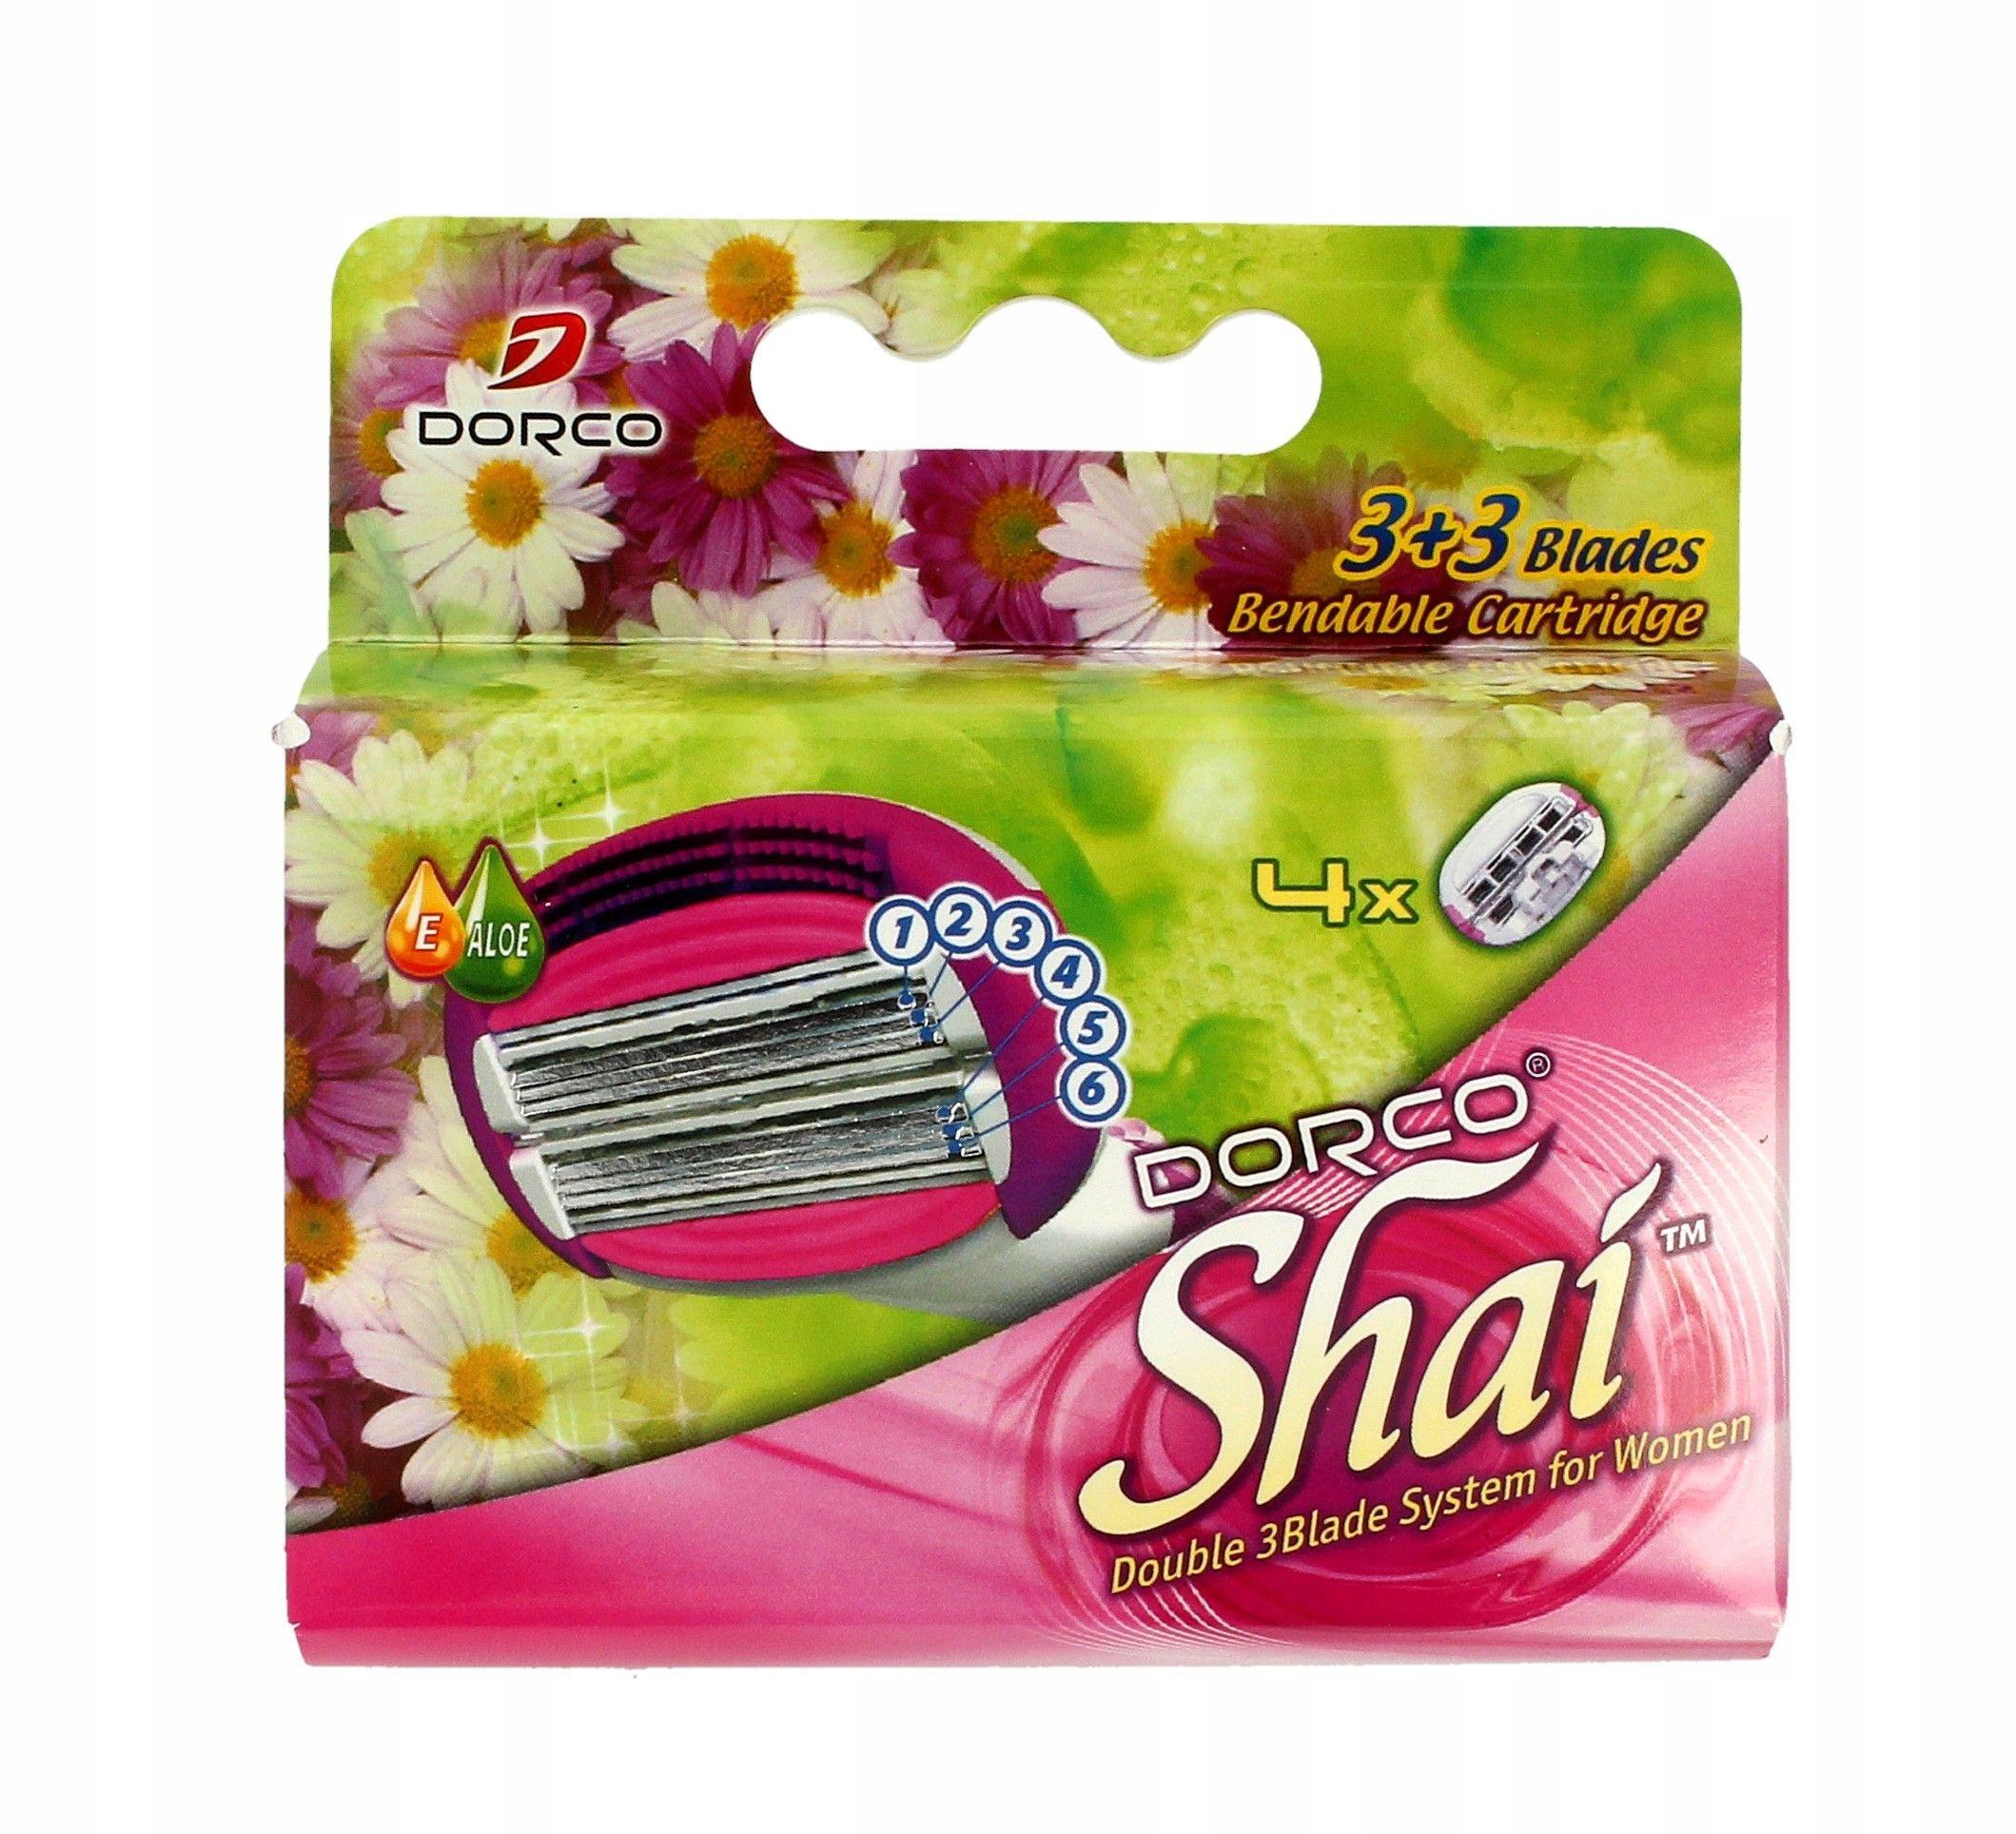 Dorco Shai 3+3 Wkłady do maszynki systemowej damsk